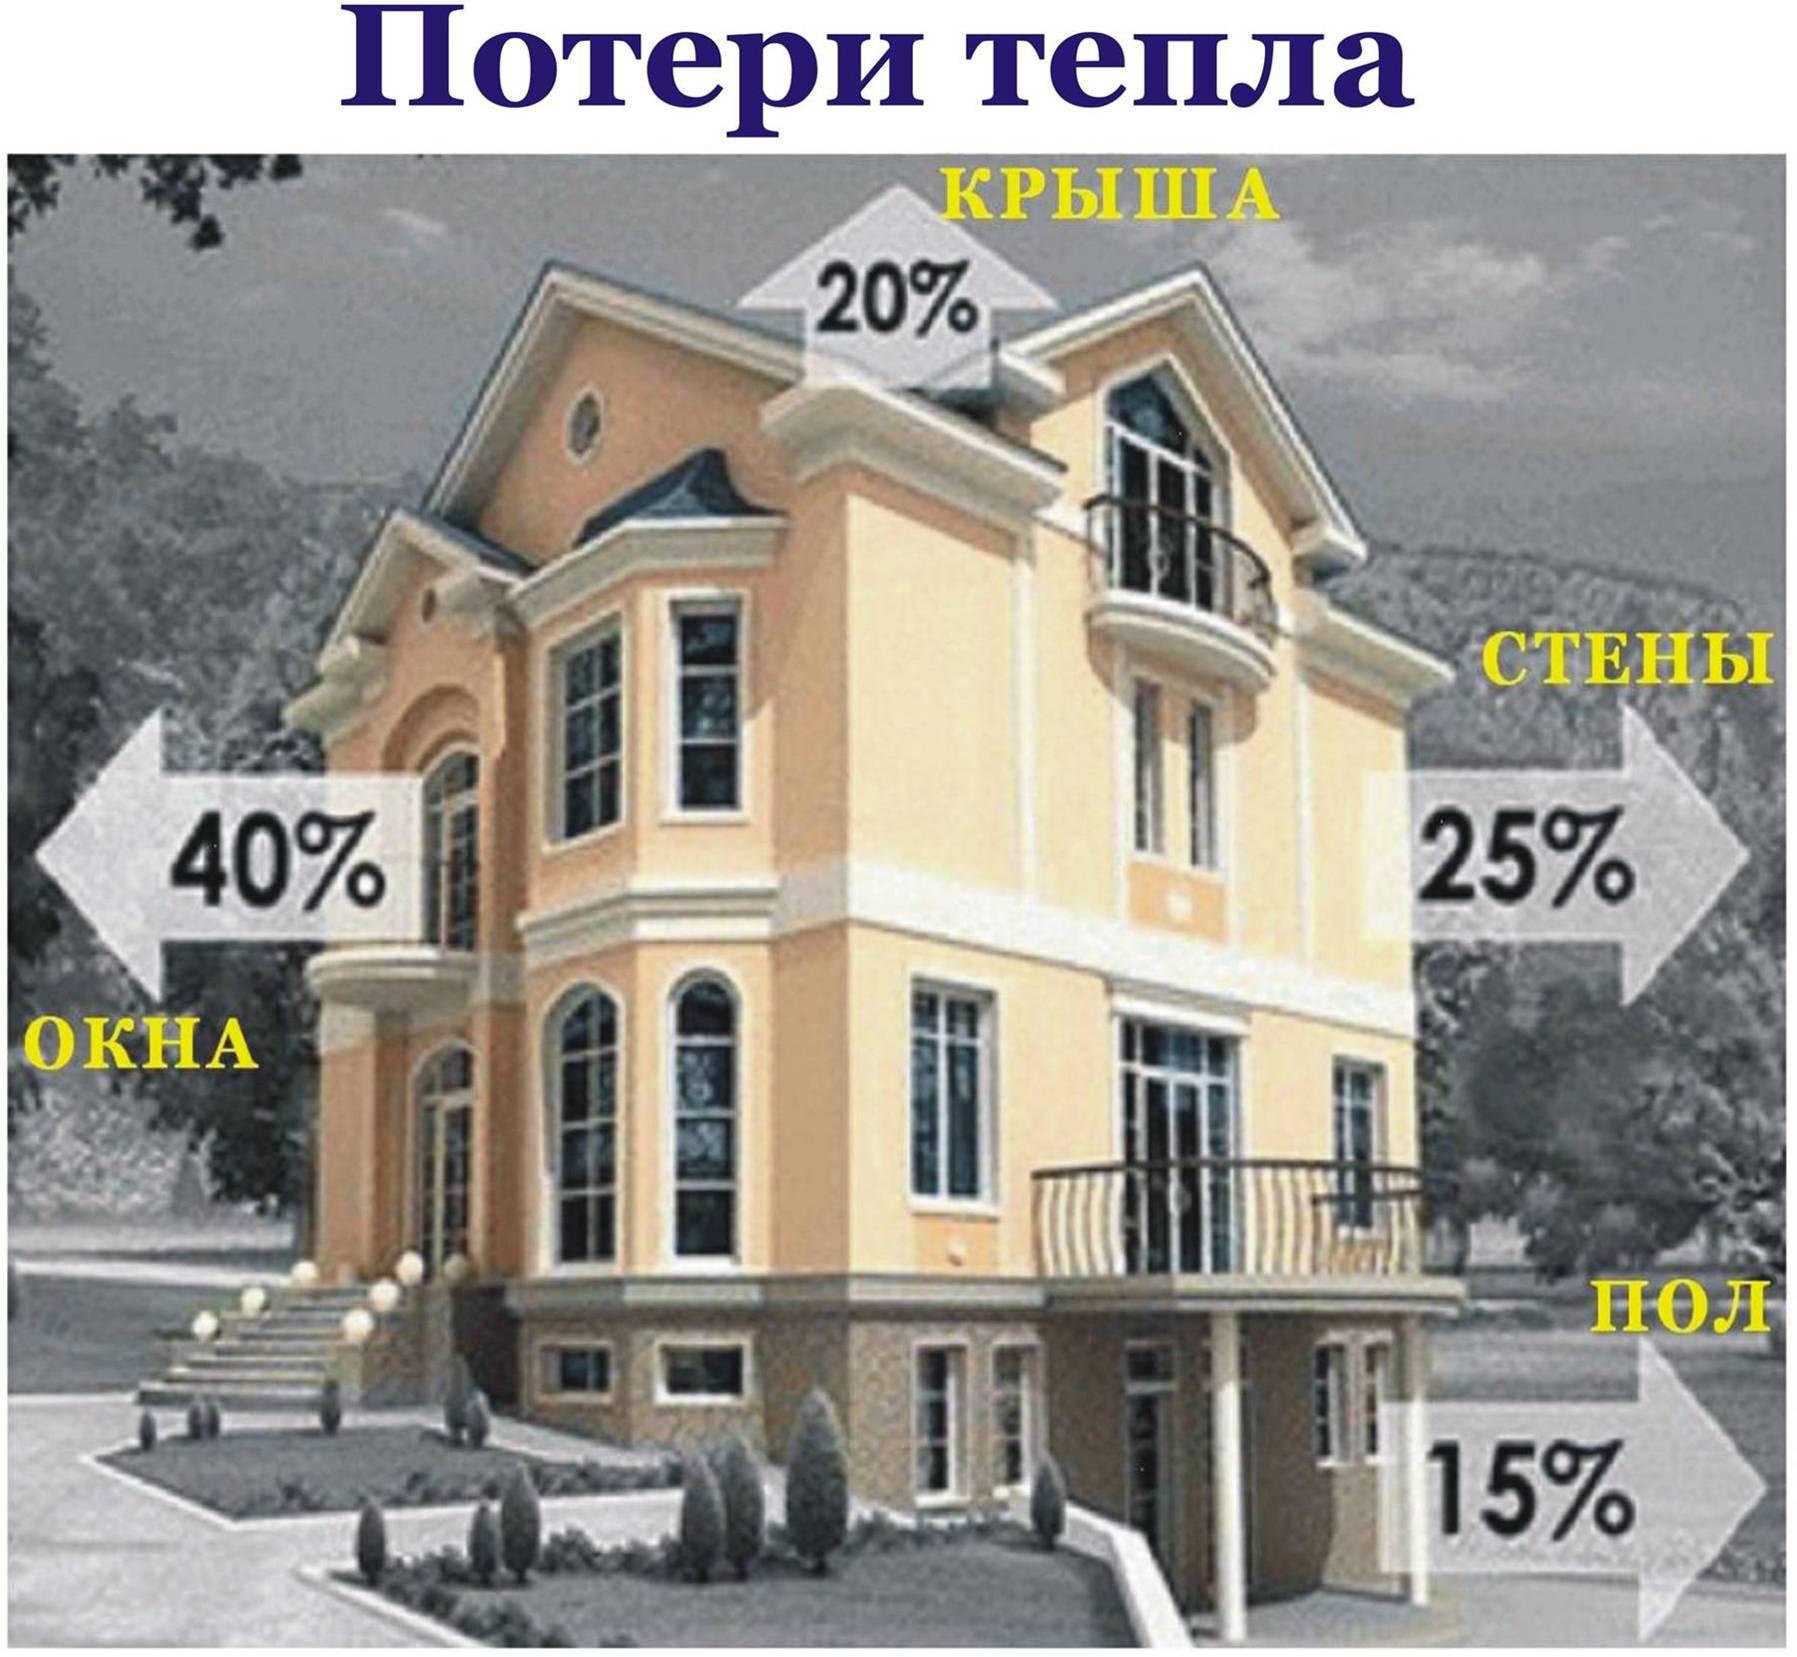 Дизайн балкона и лоджии, нормативная документация, дизайн балкона, дизайн лоджии, интерьер балкона, интерьер лоджии, балкон фото, дизайн кухни совмещенной балконом лоджией объединенная интерьер фото,